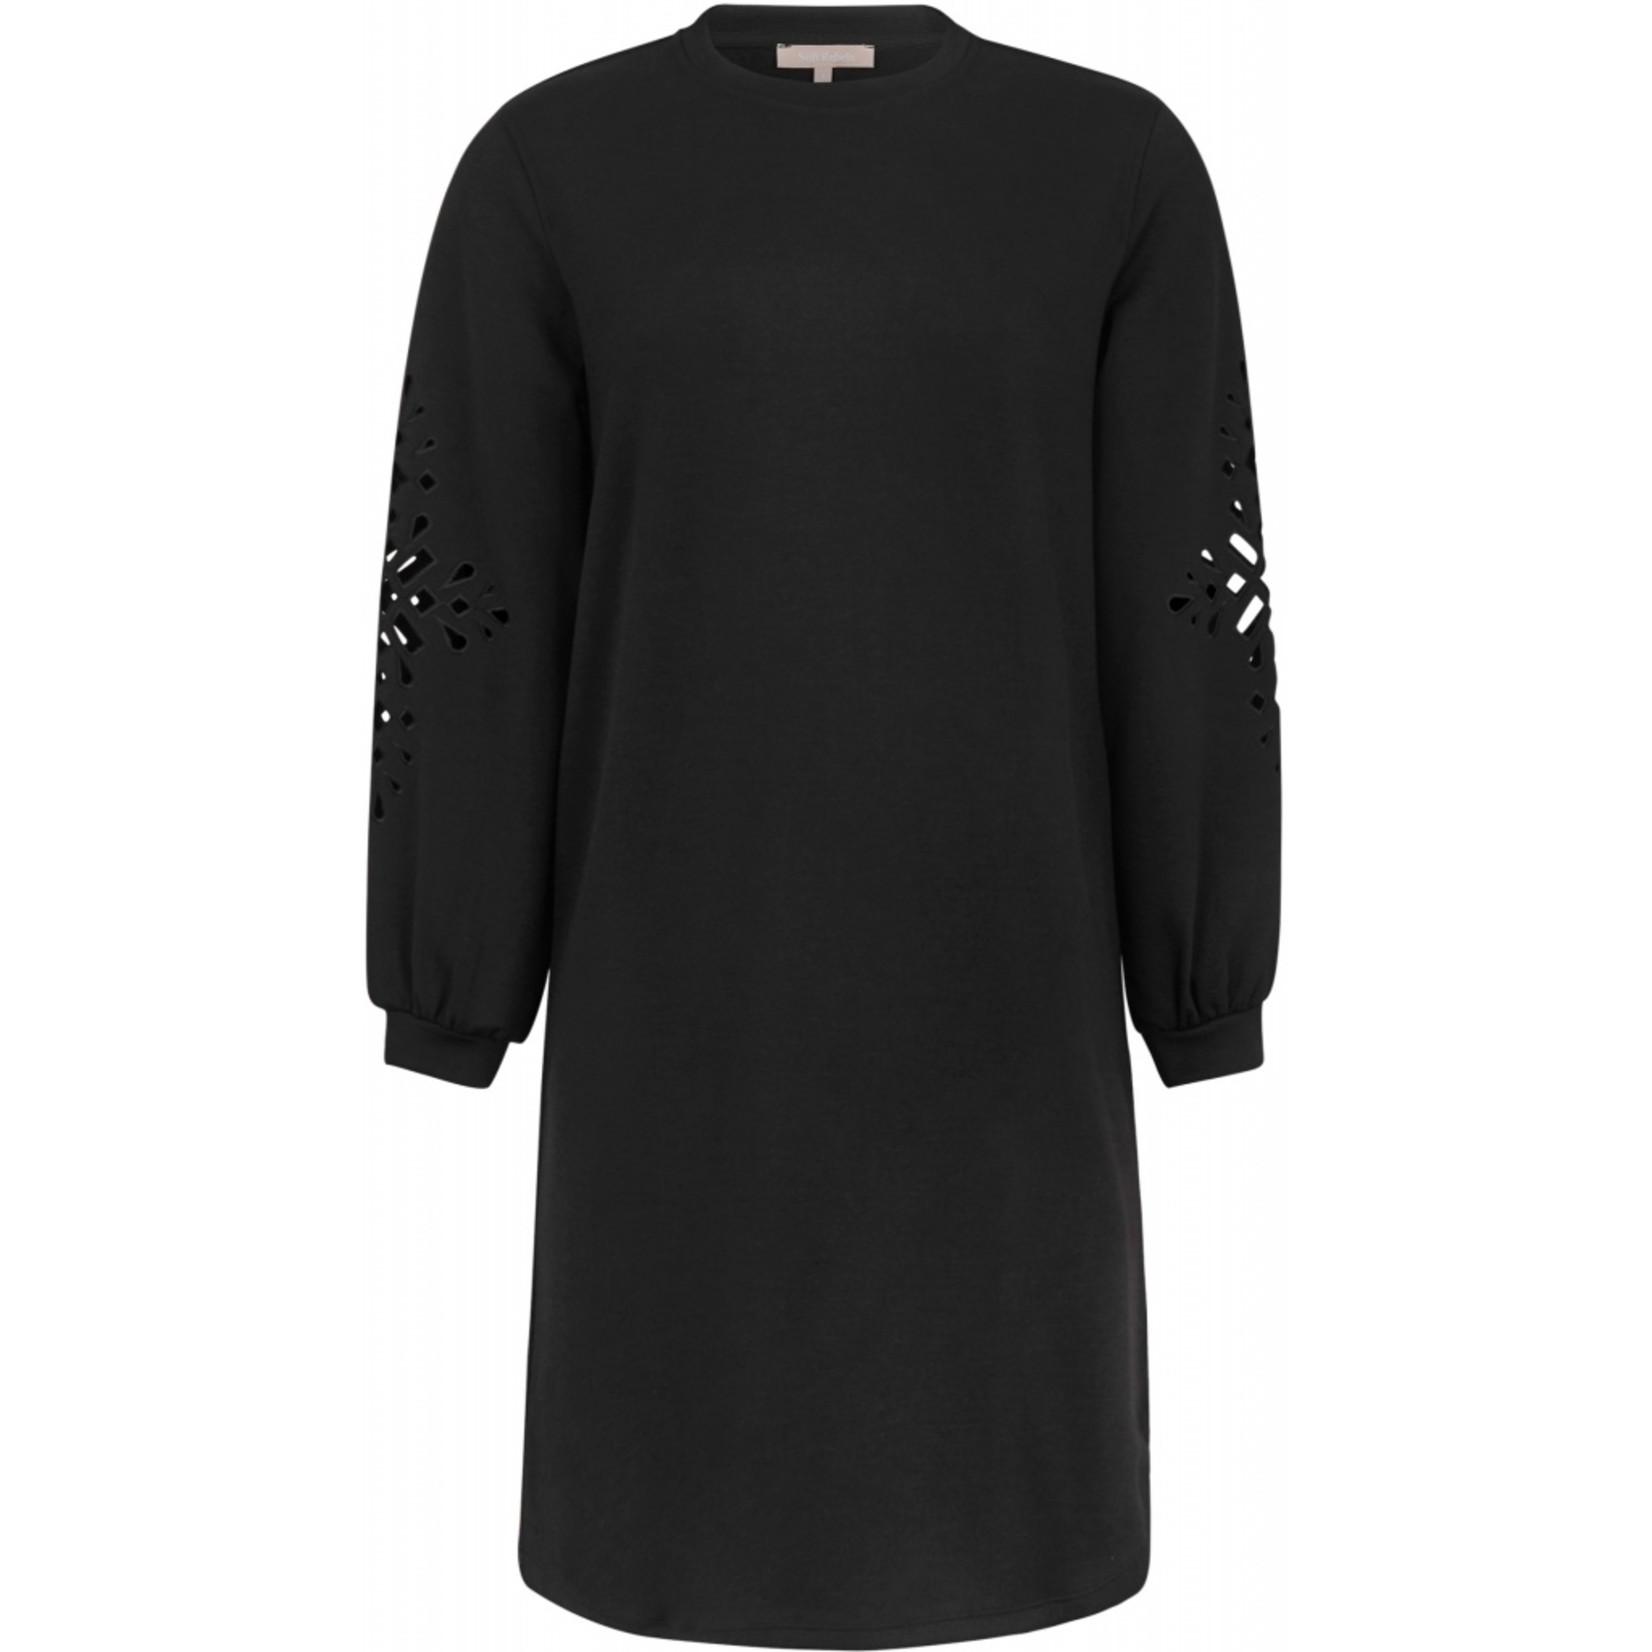 SOFT REBELS SRArabella Dress